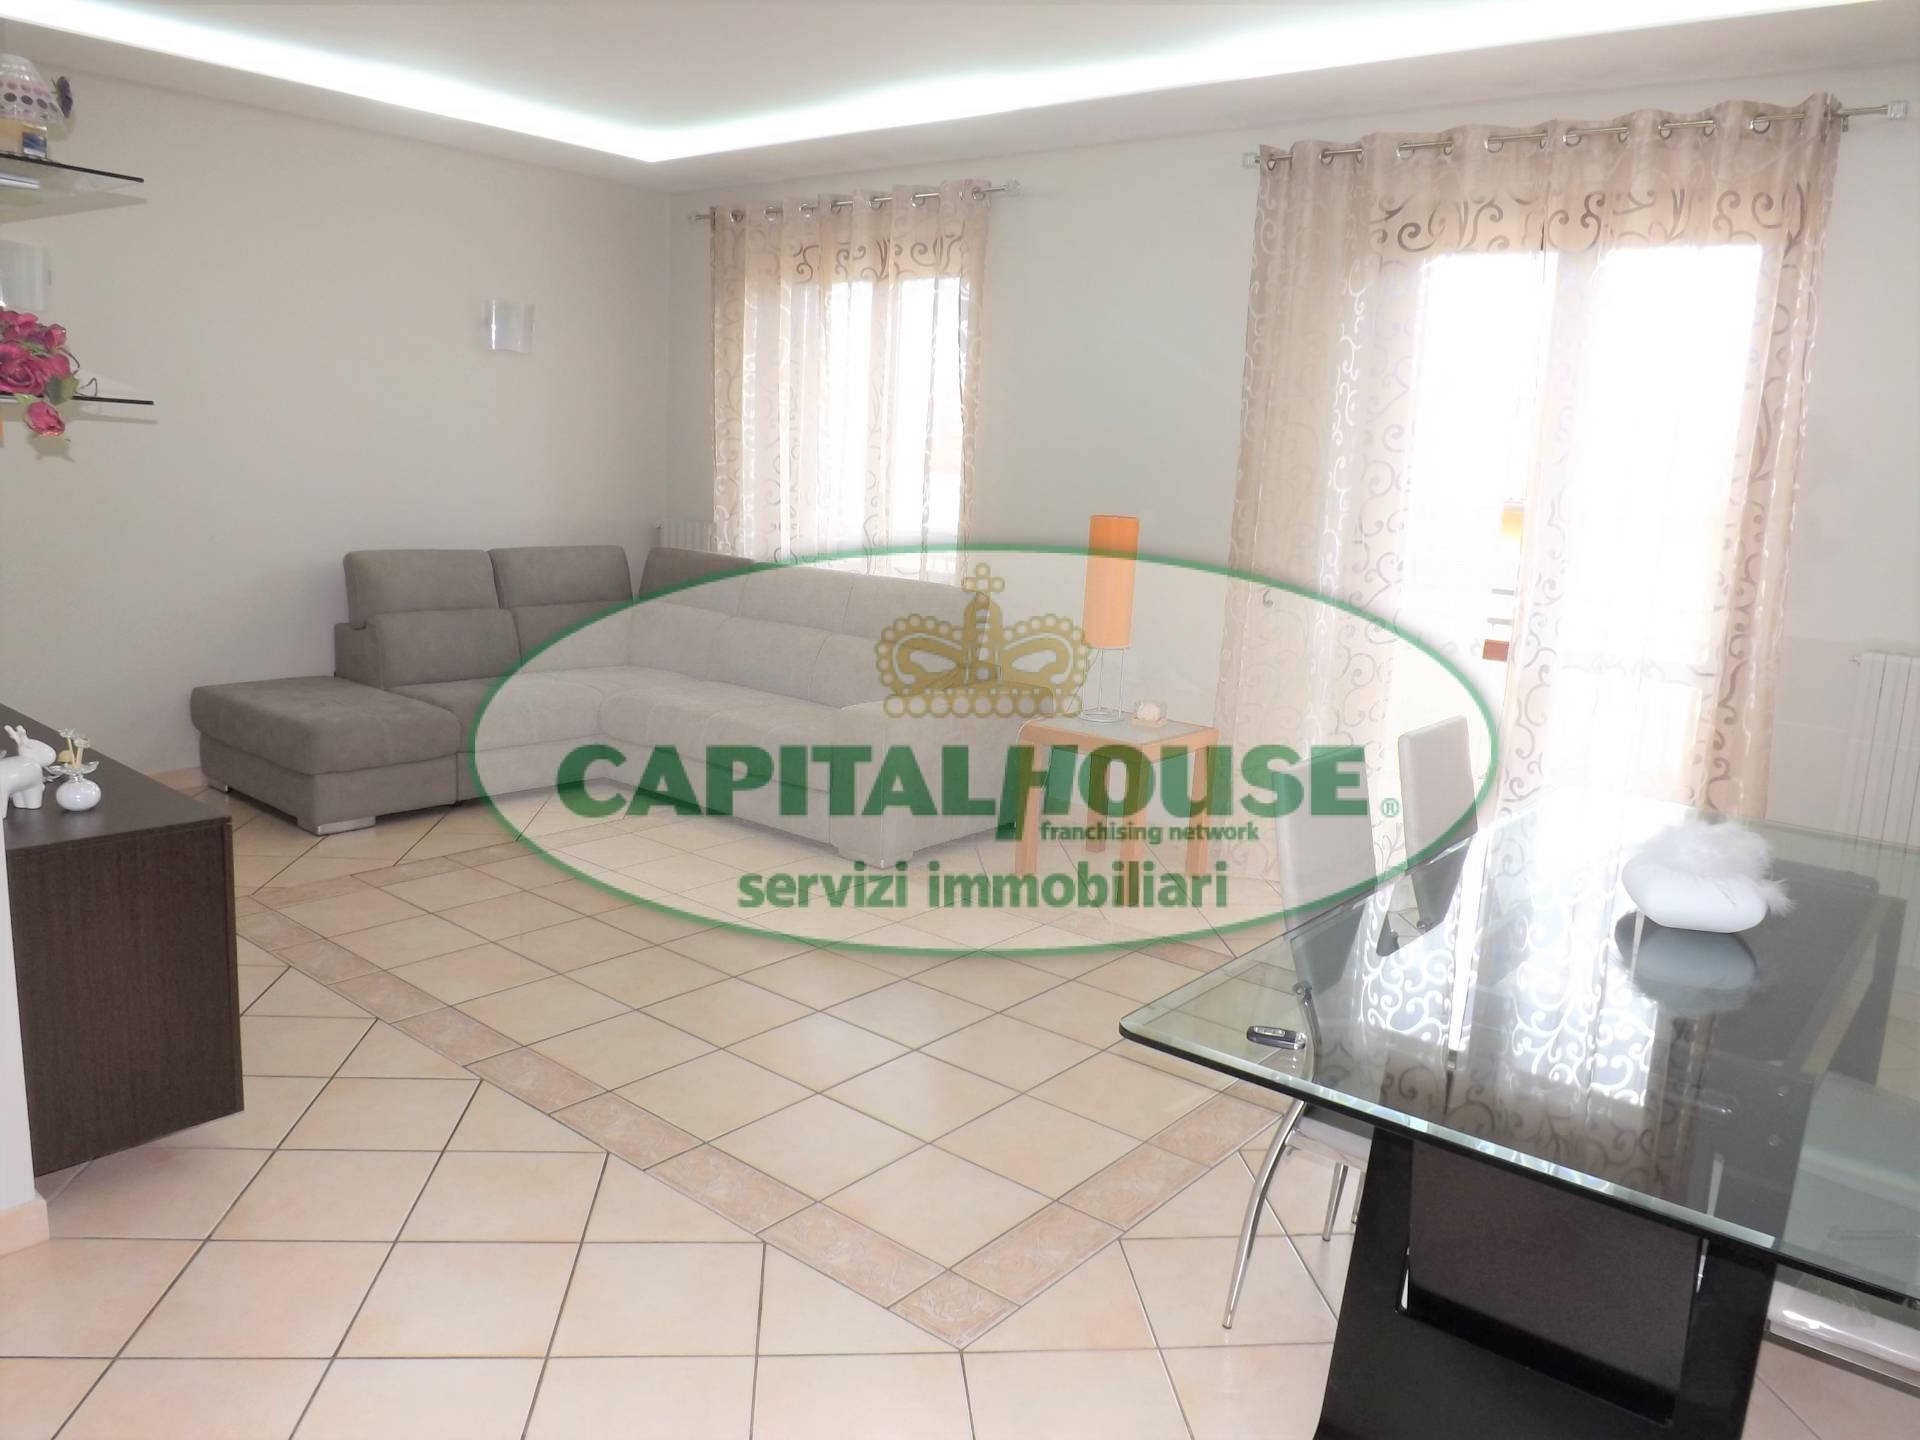 Appartamento in vendita a Cesinali, 3 locali, prezzo € 135.000 | CambioCasa.it